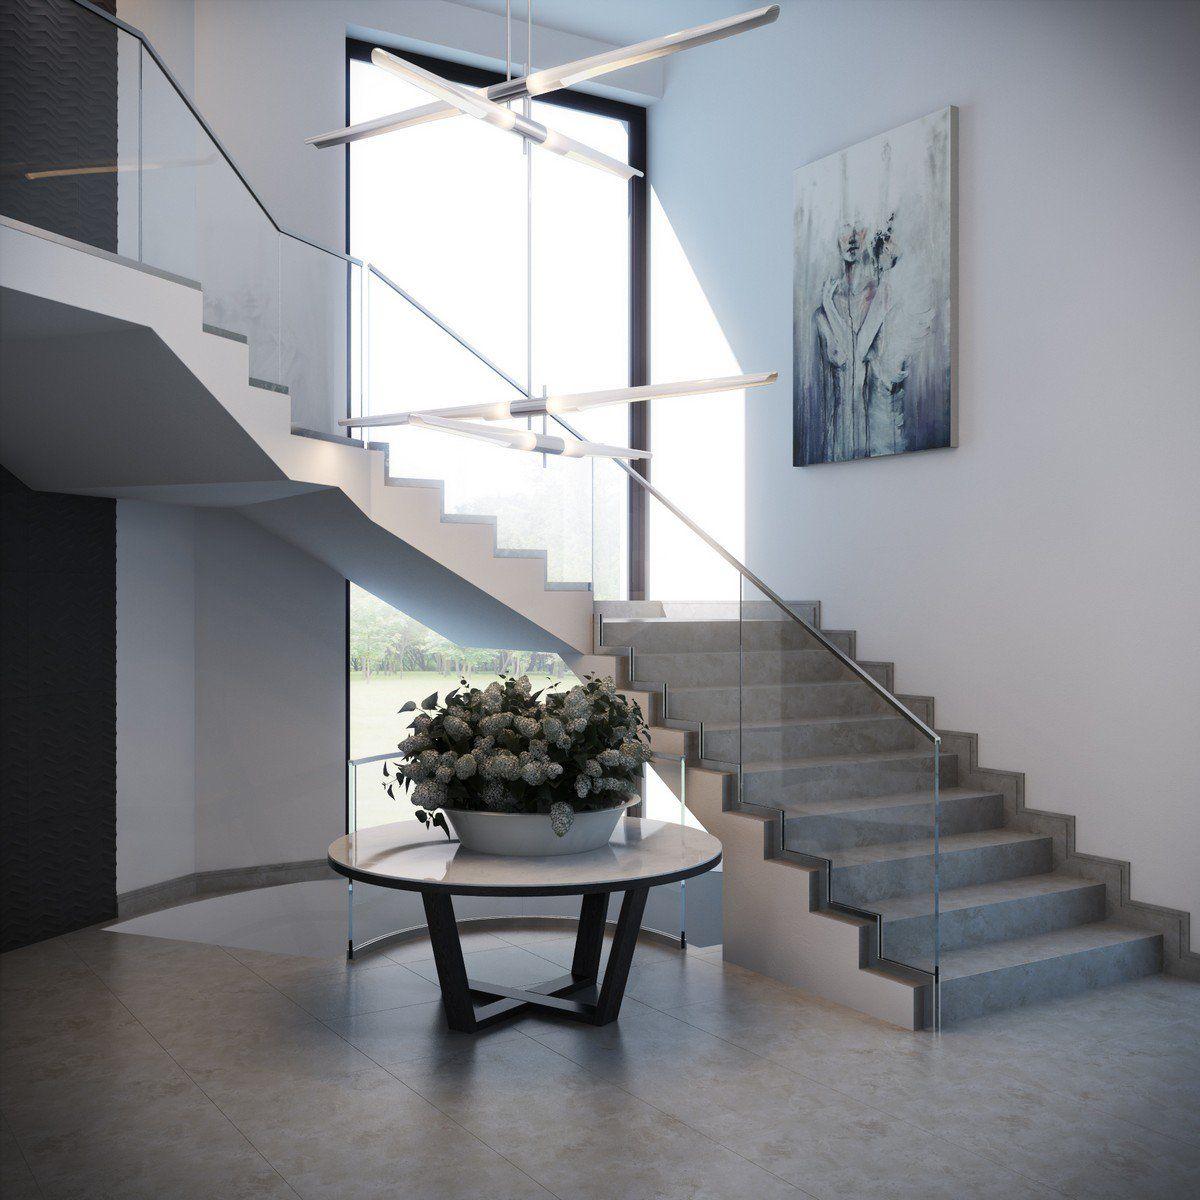 Escalier Interieur Beton Design escalier moderne béton : mariez praticité avec esthétique